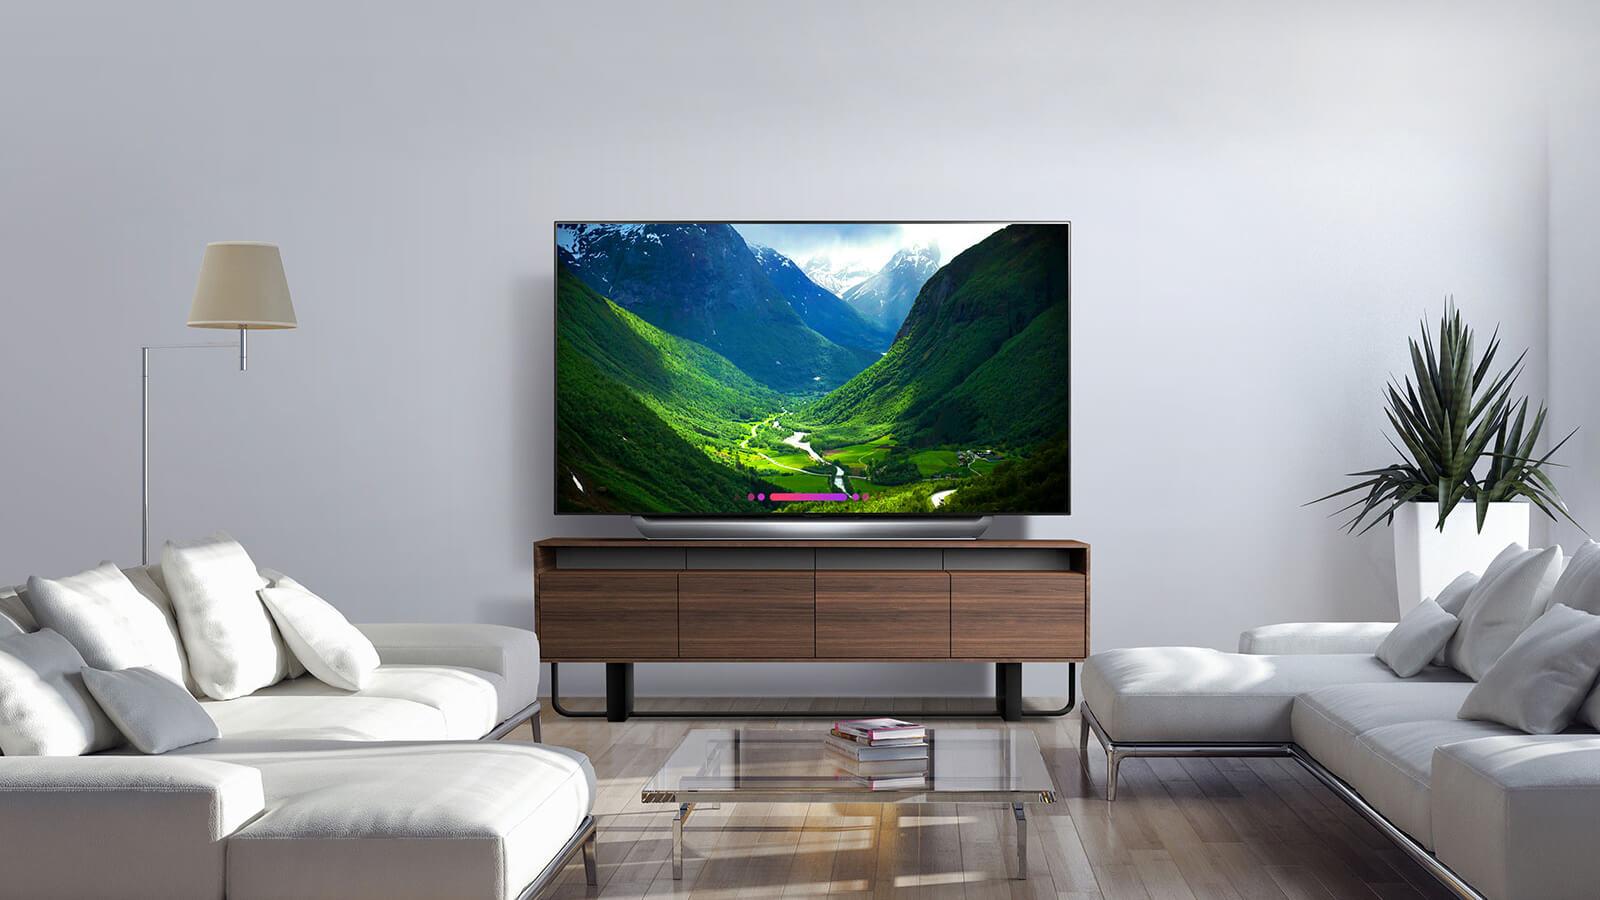 genG5X5meaJ5BZHWKTVMS8 - Review: LG OLED C8, uma das melhores Smart TVs disponíveis no Brasil